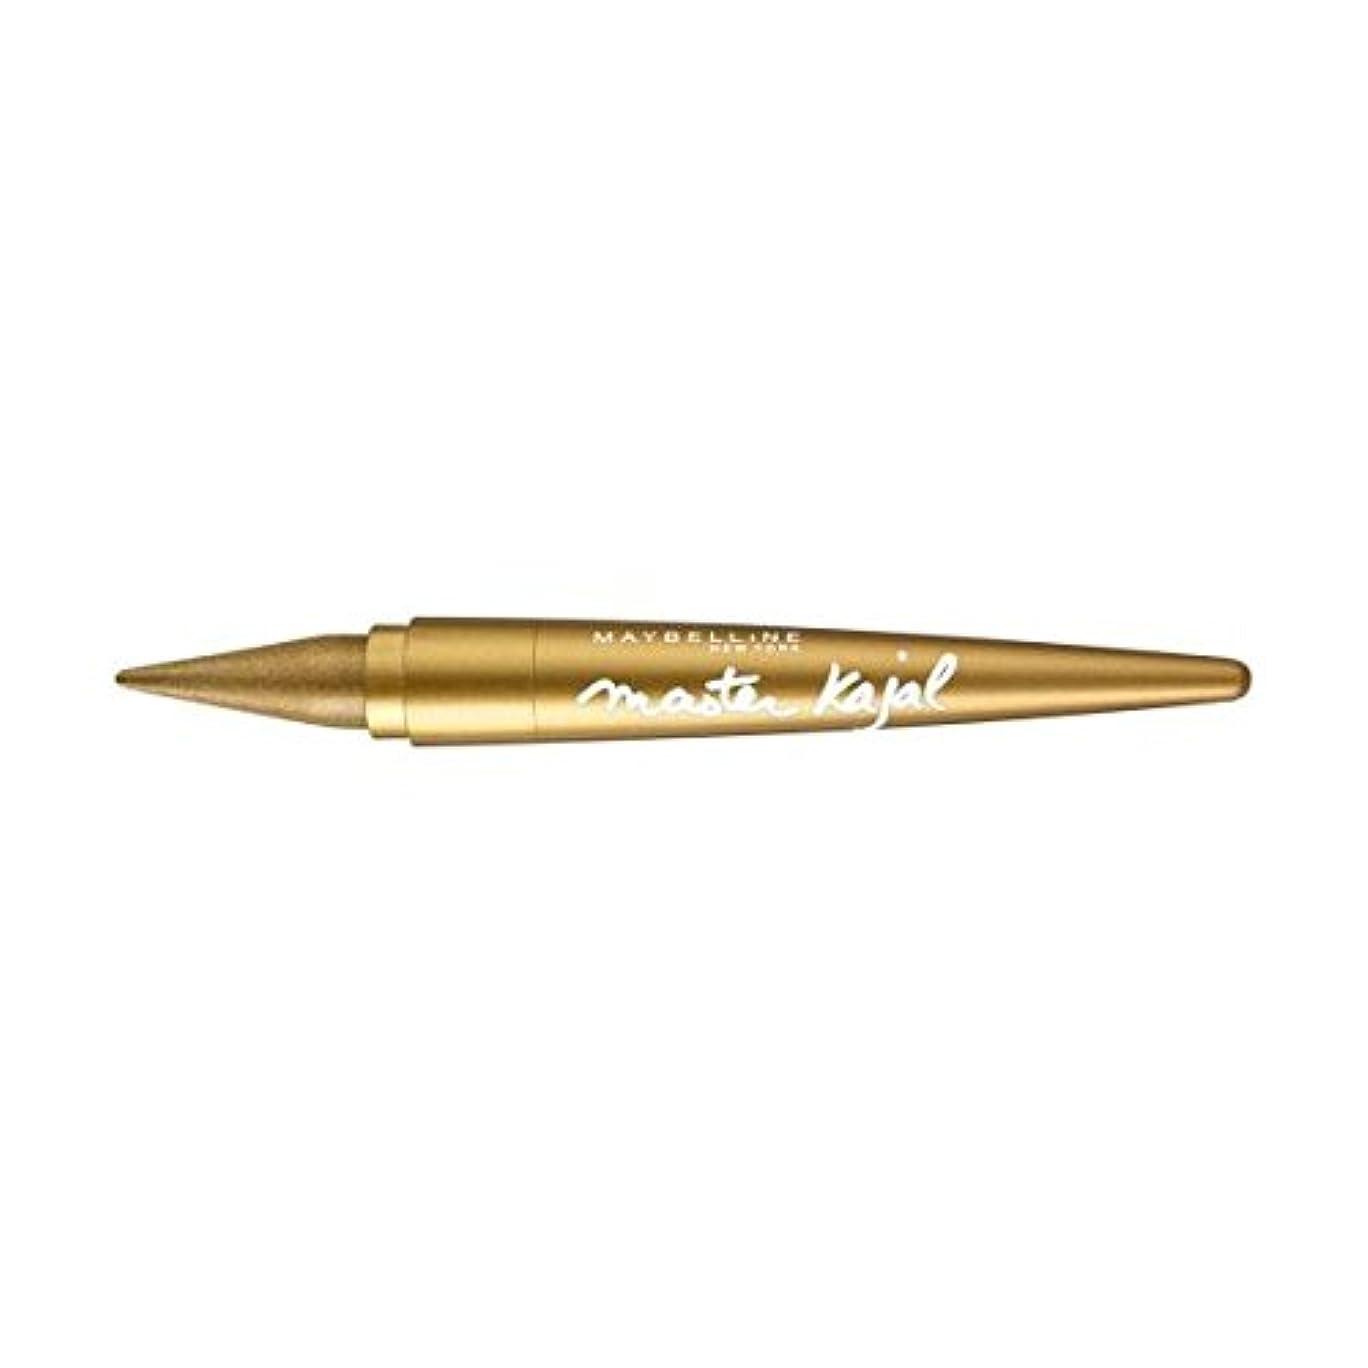 葉マキシム刺激するL'Oreal Khol Liner Master Kajal Eyeliner - Gold